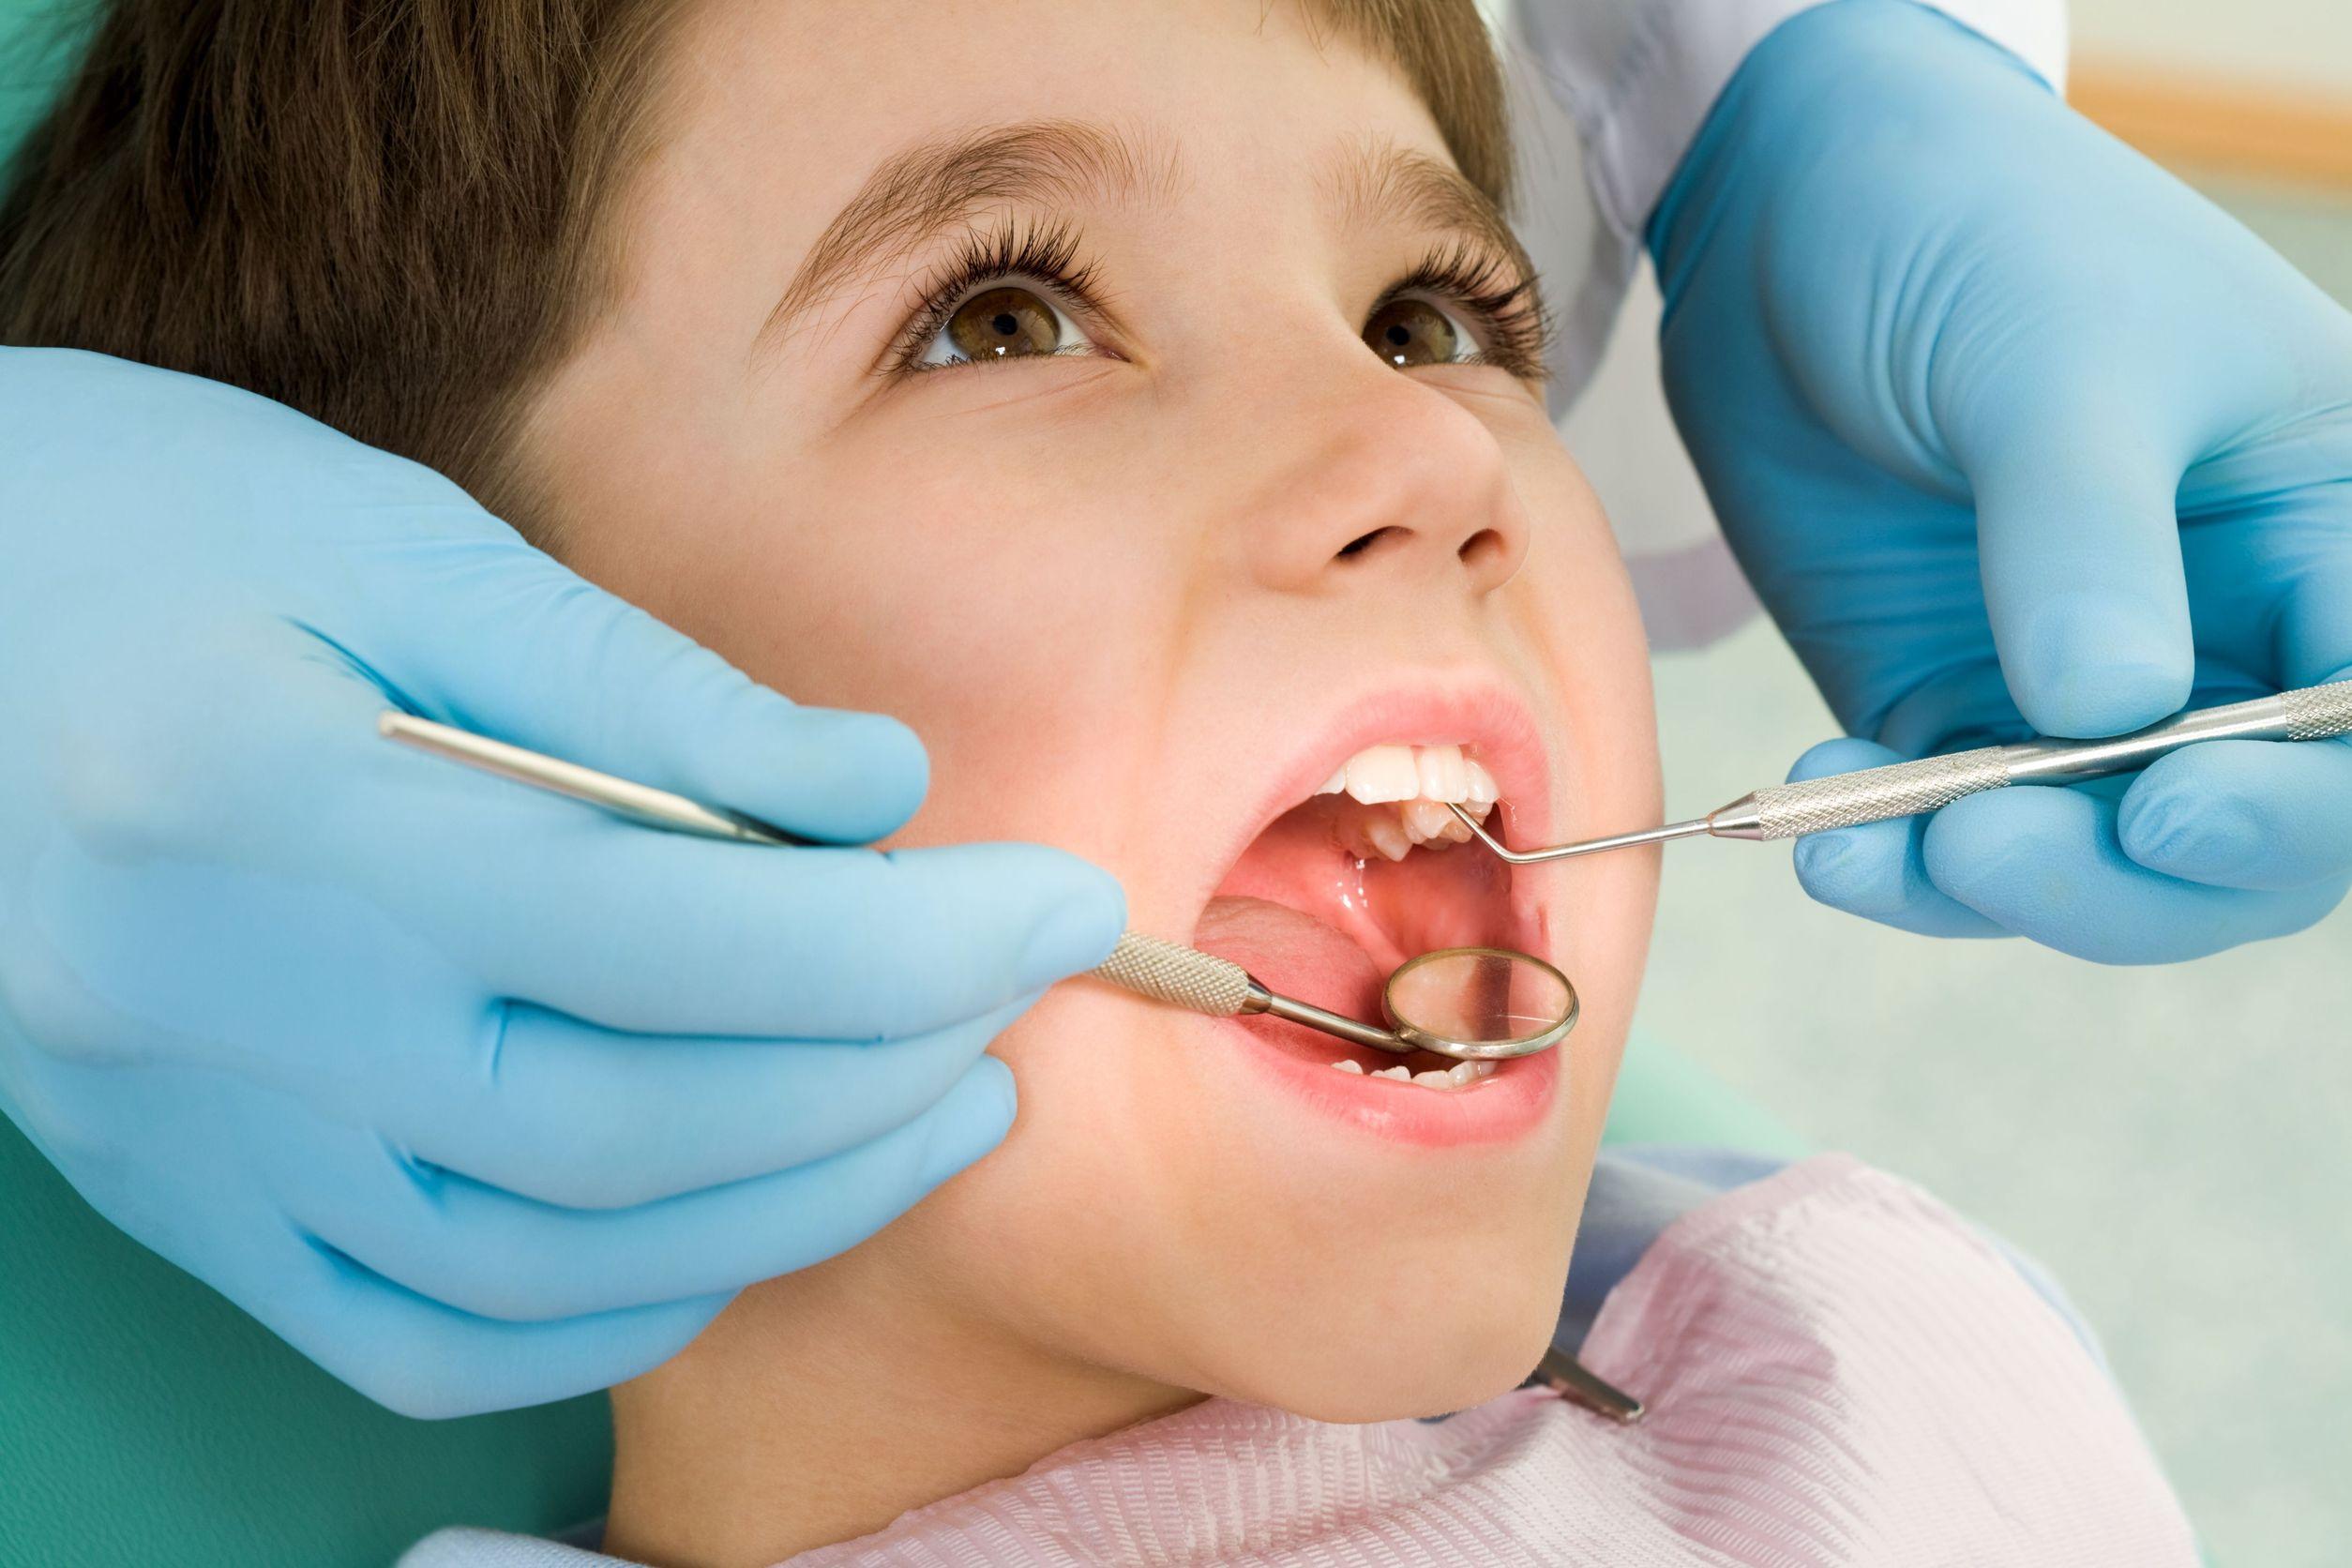 Odontología pediátrica: esencial para tener unos dientes sanos